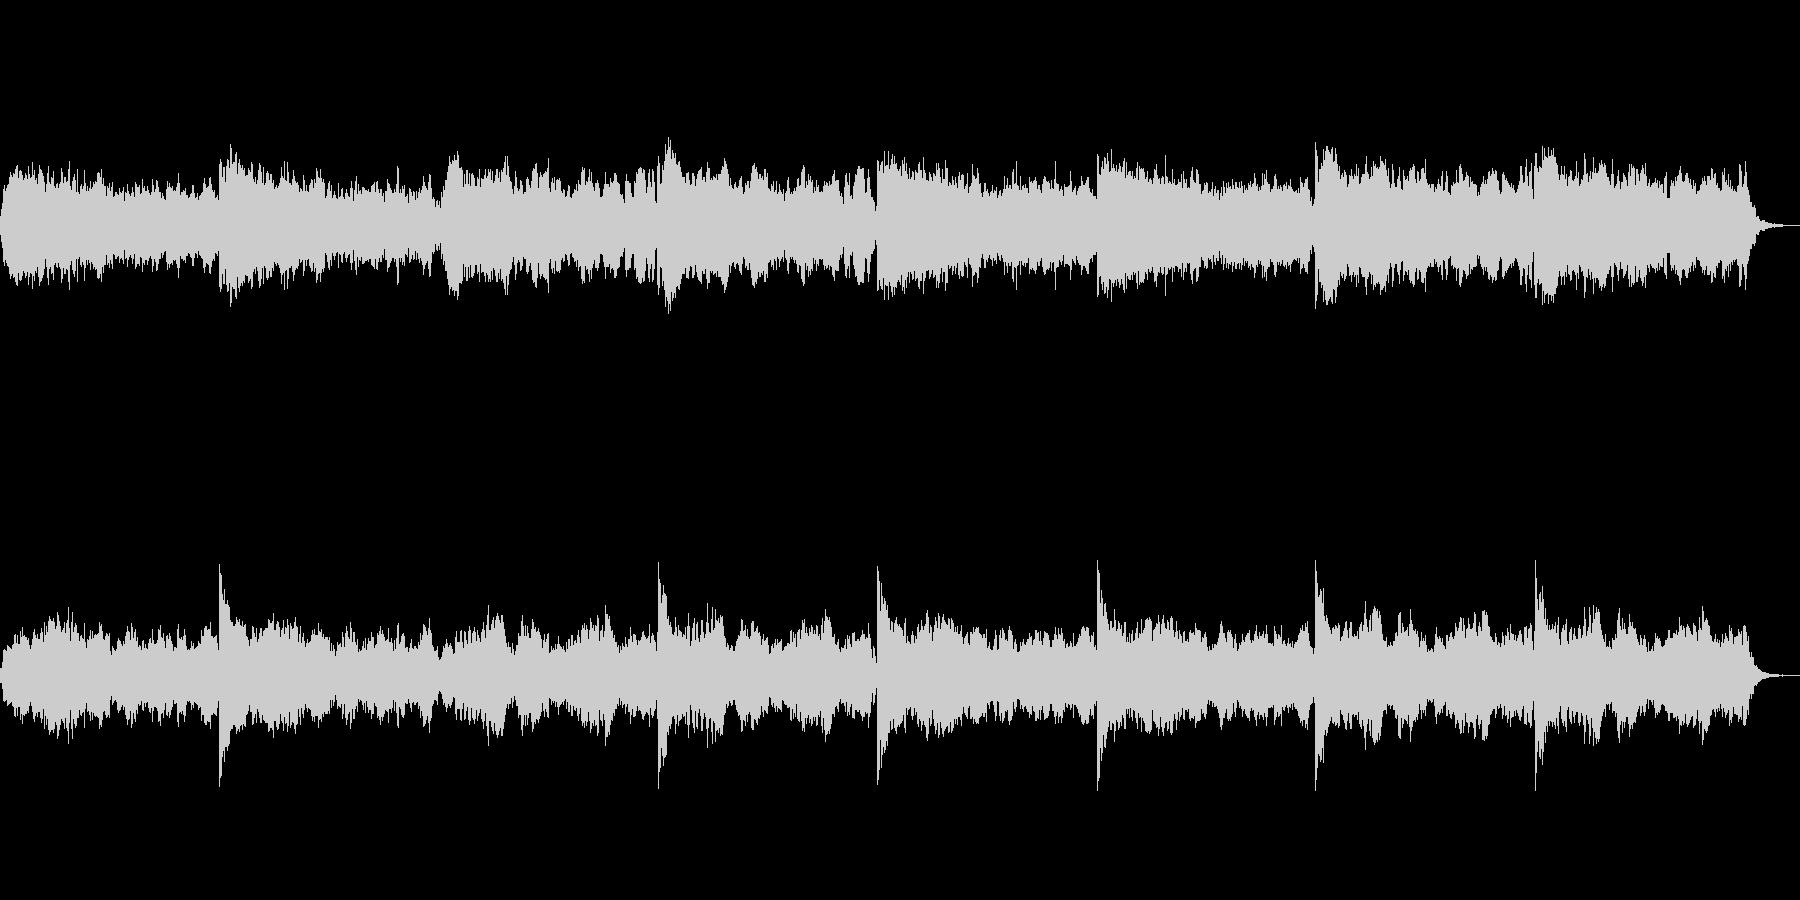 アルトフルートを使ったホラーな音楽の未再生の波形